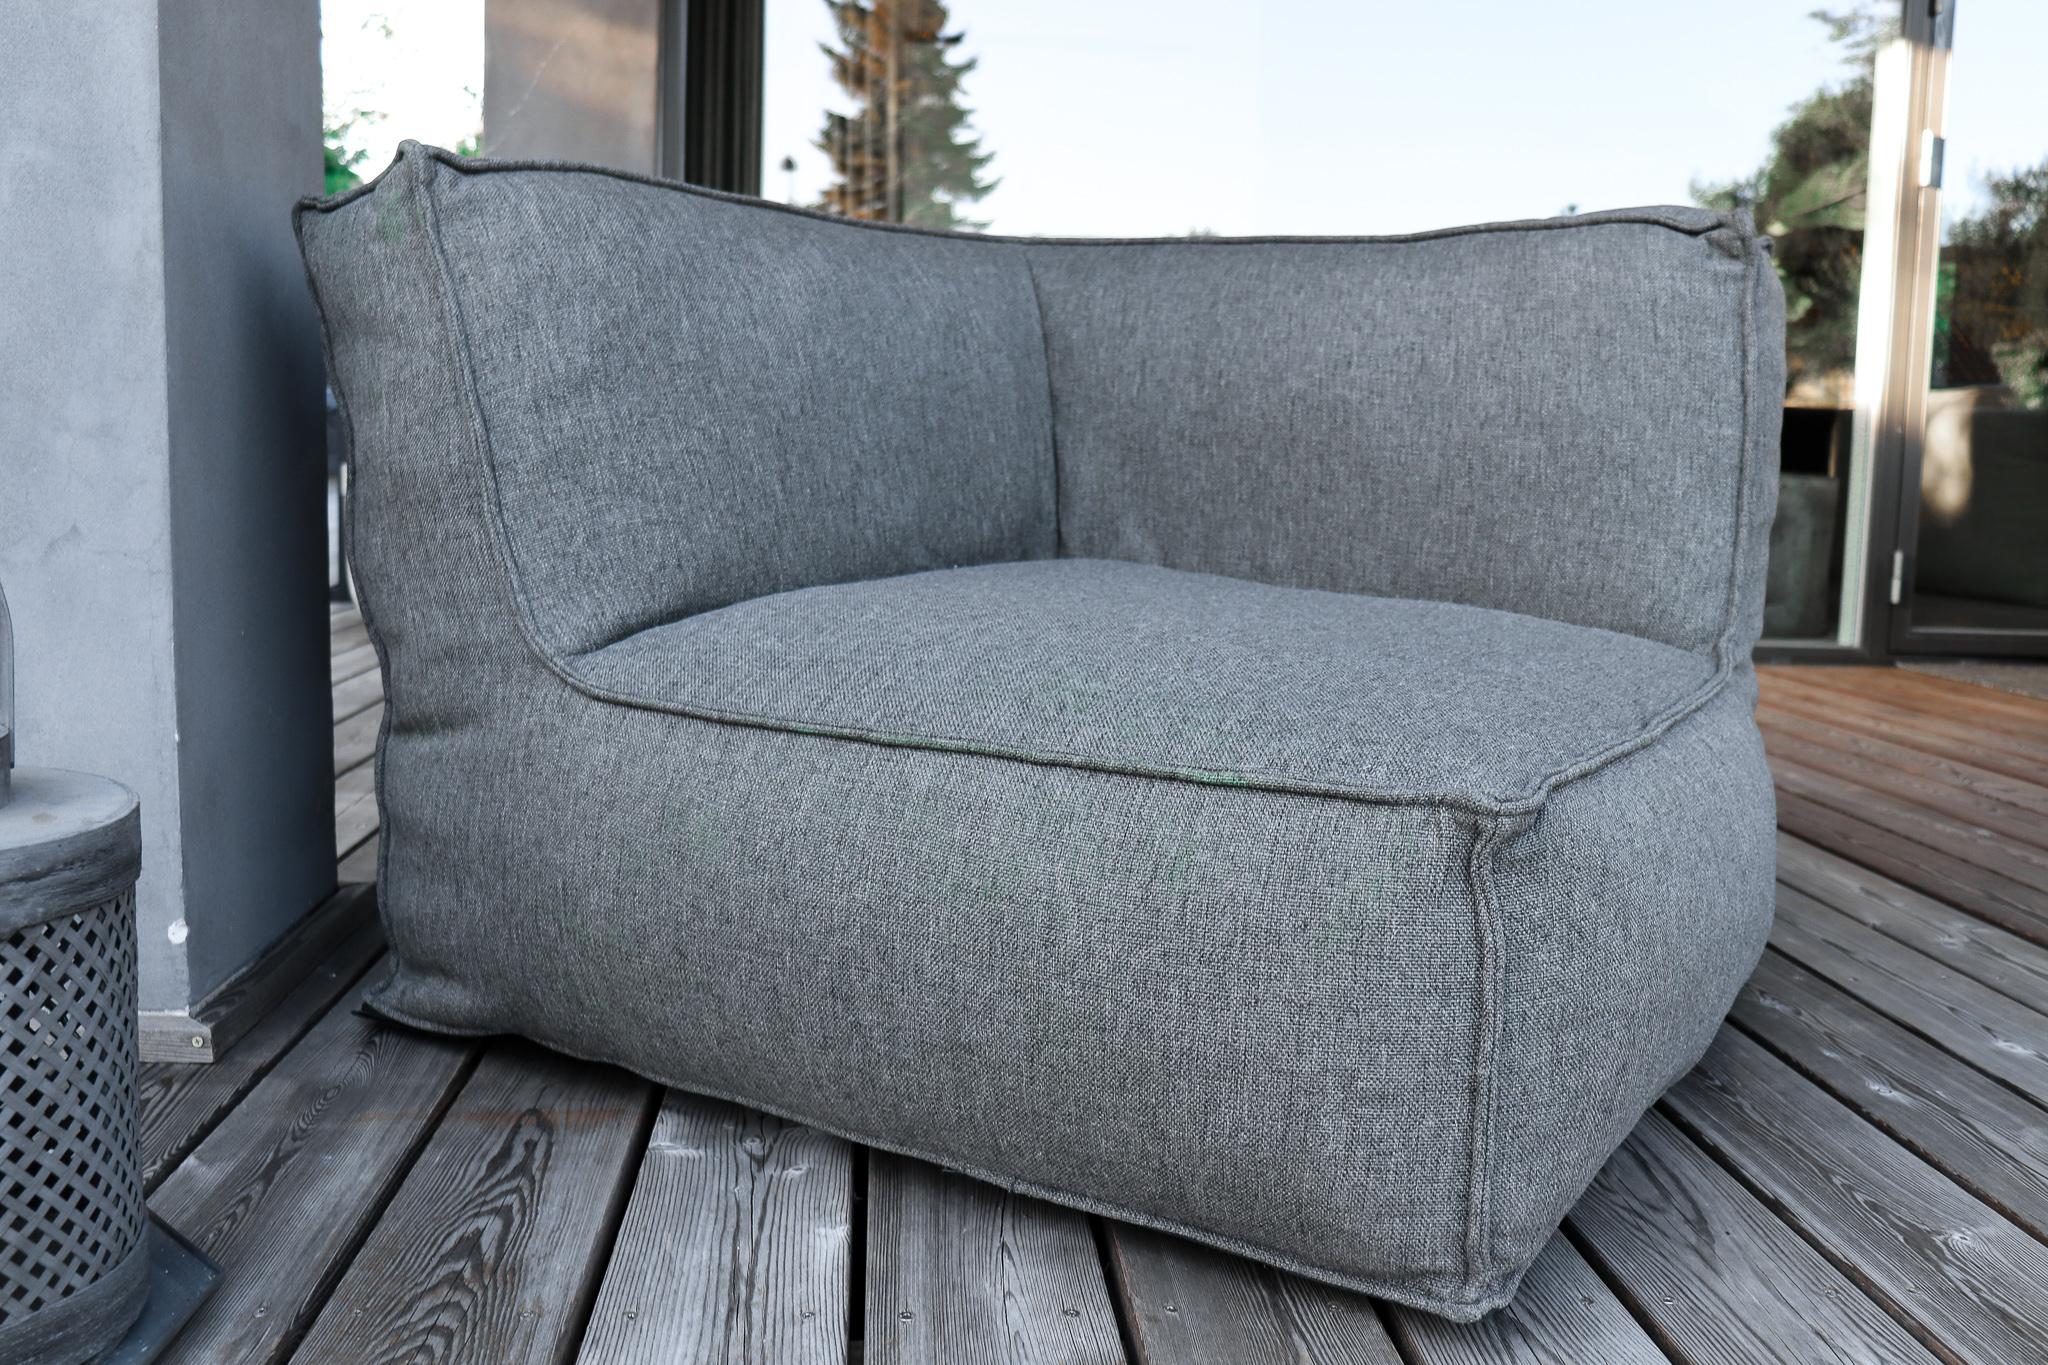 """Die Lifestyle-Outdoor- und Loungemöbel """"Hygge"""" bieten idealen Sitz-Komfort für Terrasse und Wohnzimmer. Die extrem pflegeleichten, UV-beständigen und wasserfesten Sessel sind atmungsaktiv, antibakteriell, nachhaltig hergestellt und zertifiziert schadstofffrei.  Aufgrund der…"""